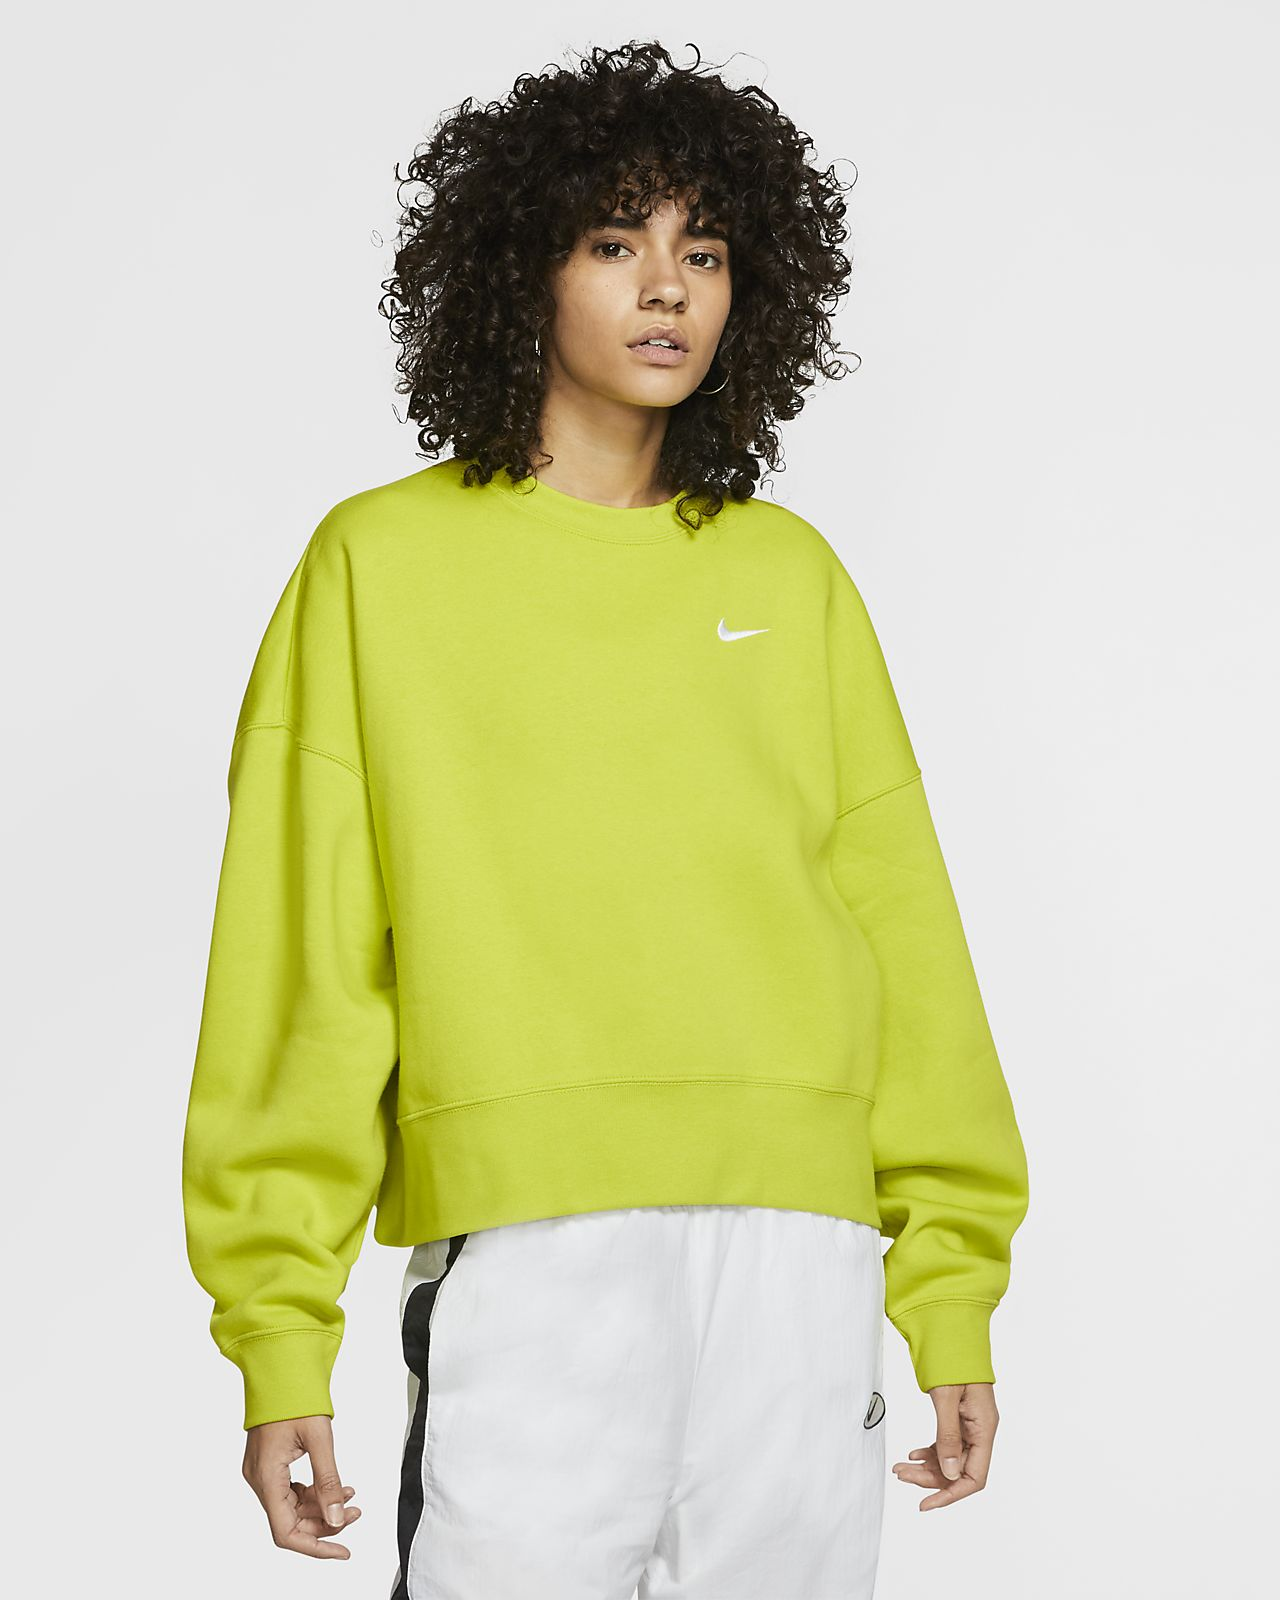 Fleecetröja Nike Sportswear Essential med rund hals för kvinnor